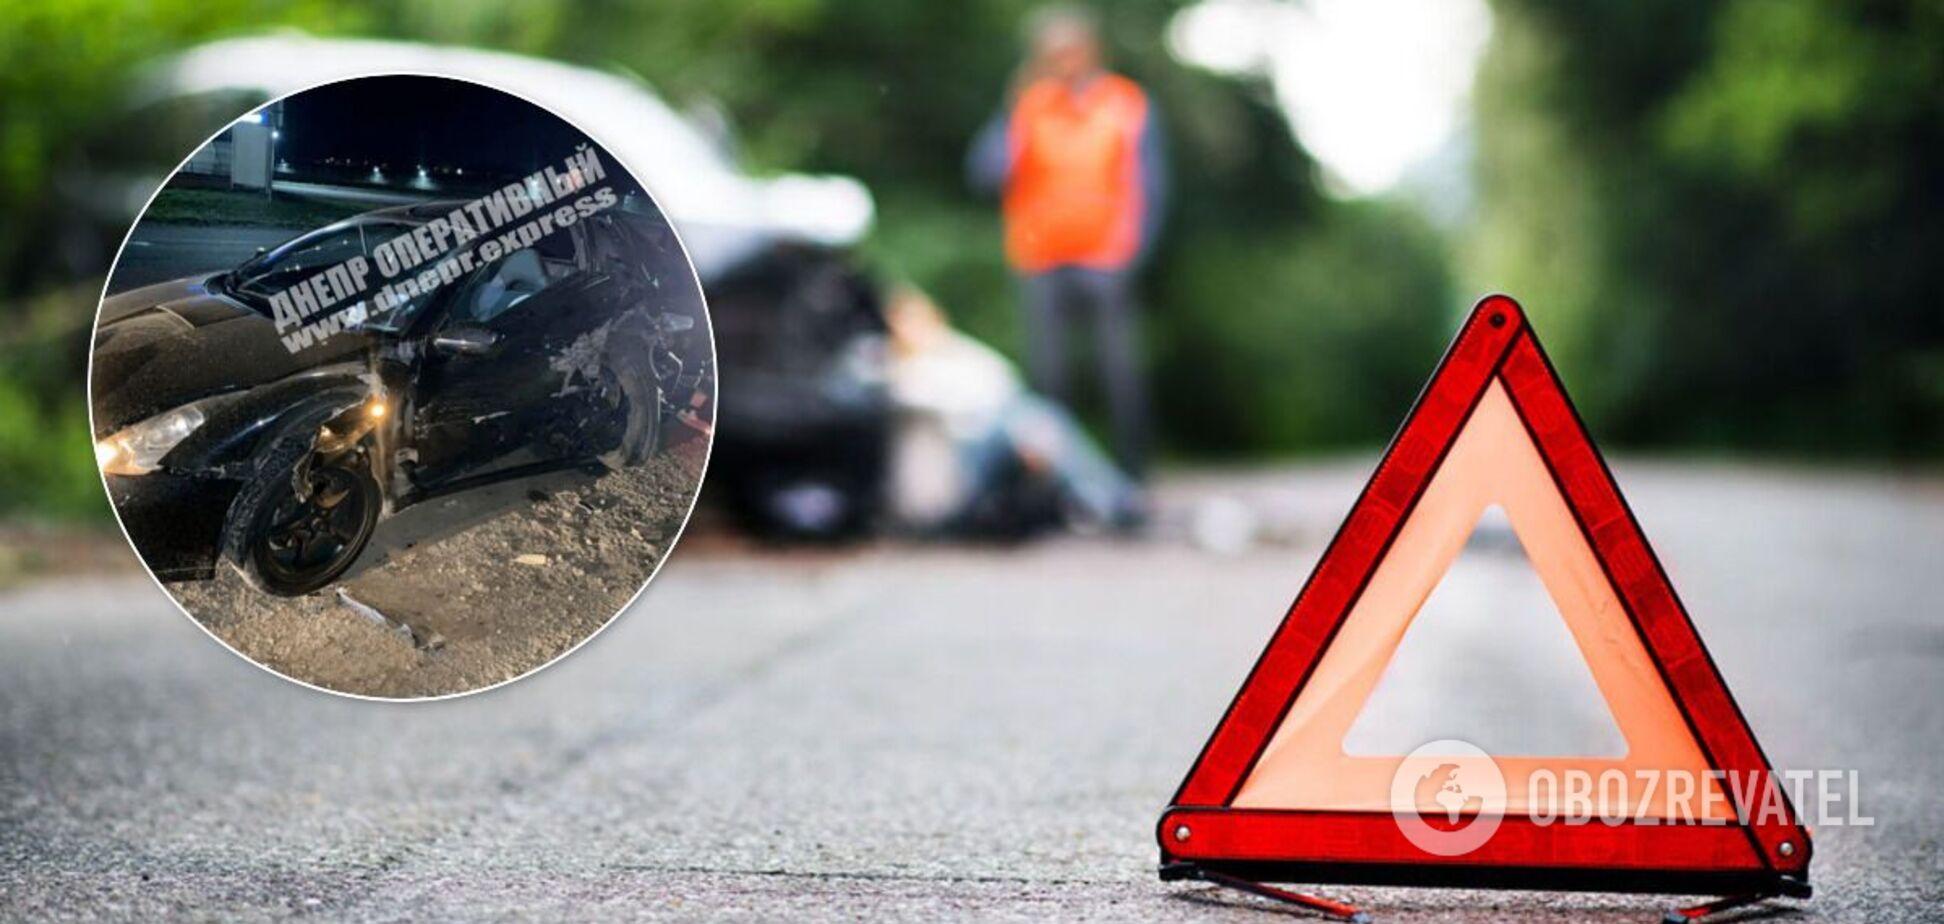 Потрійне ДТП в Дніпрі: постраждали водії та пасажир. Фото